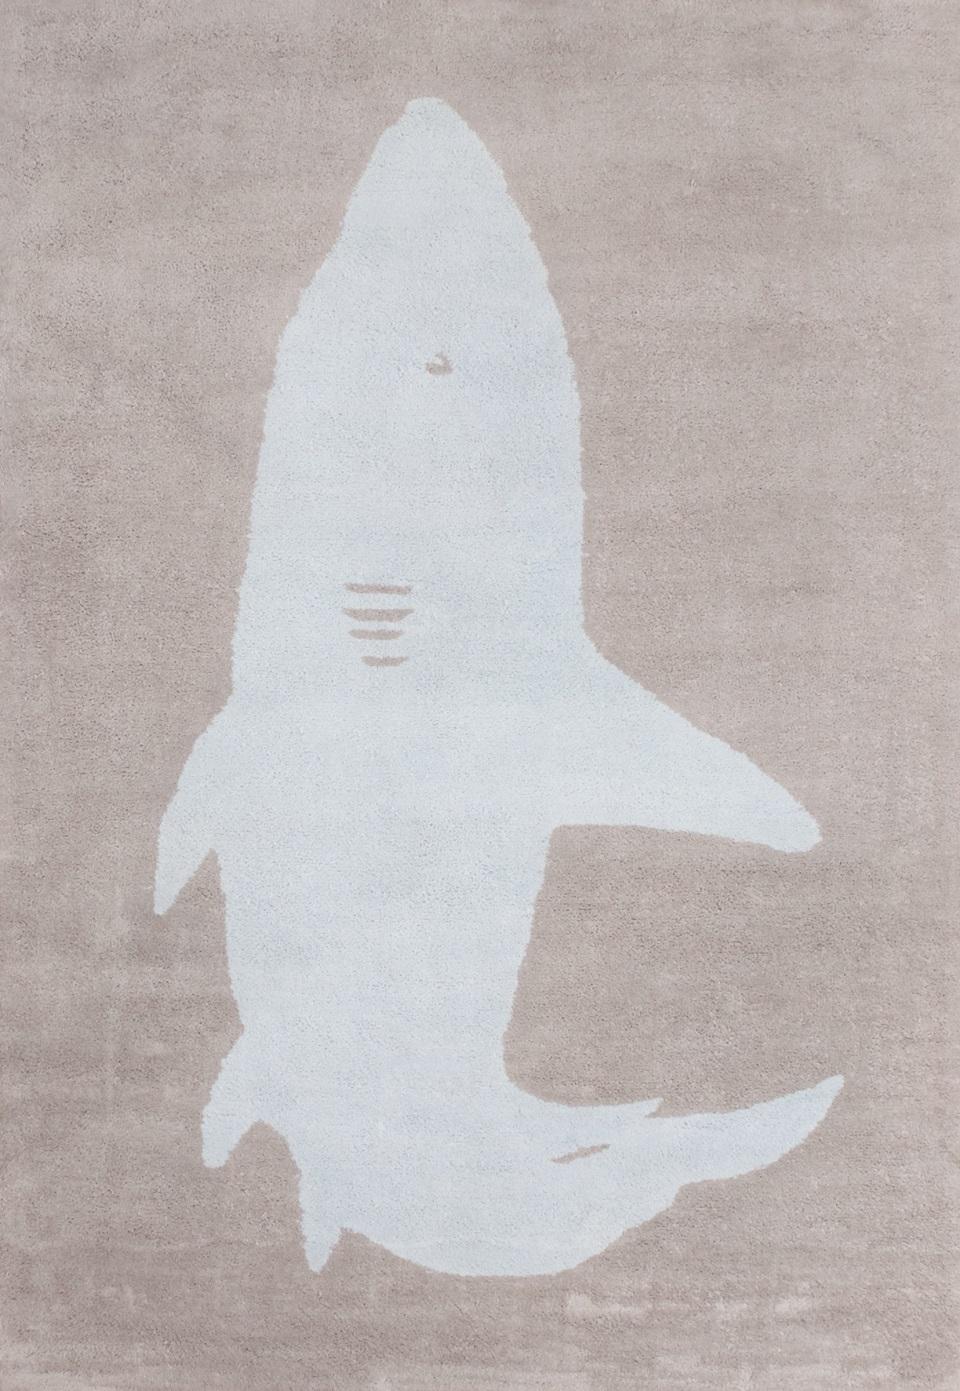 <p>Koberec se žralokem. Velikost 230*160cm. 100% měkký akryl.</p>